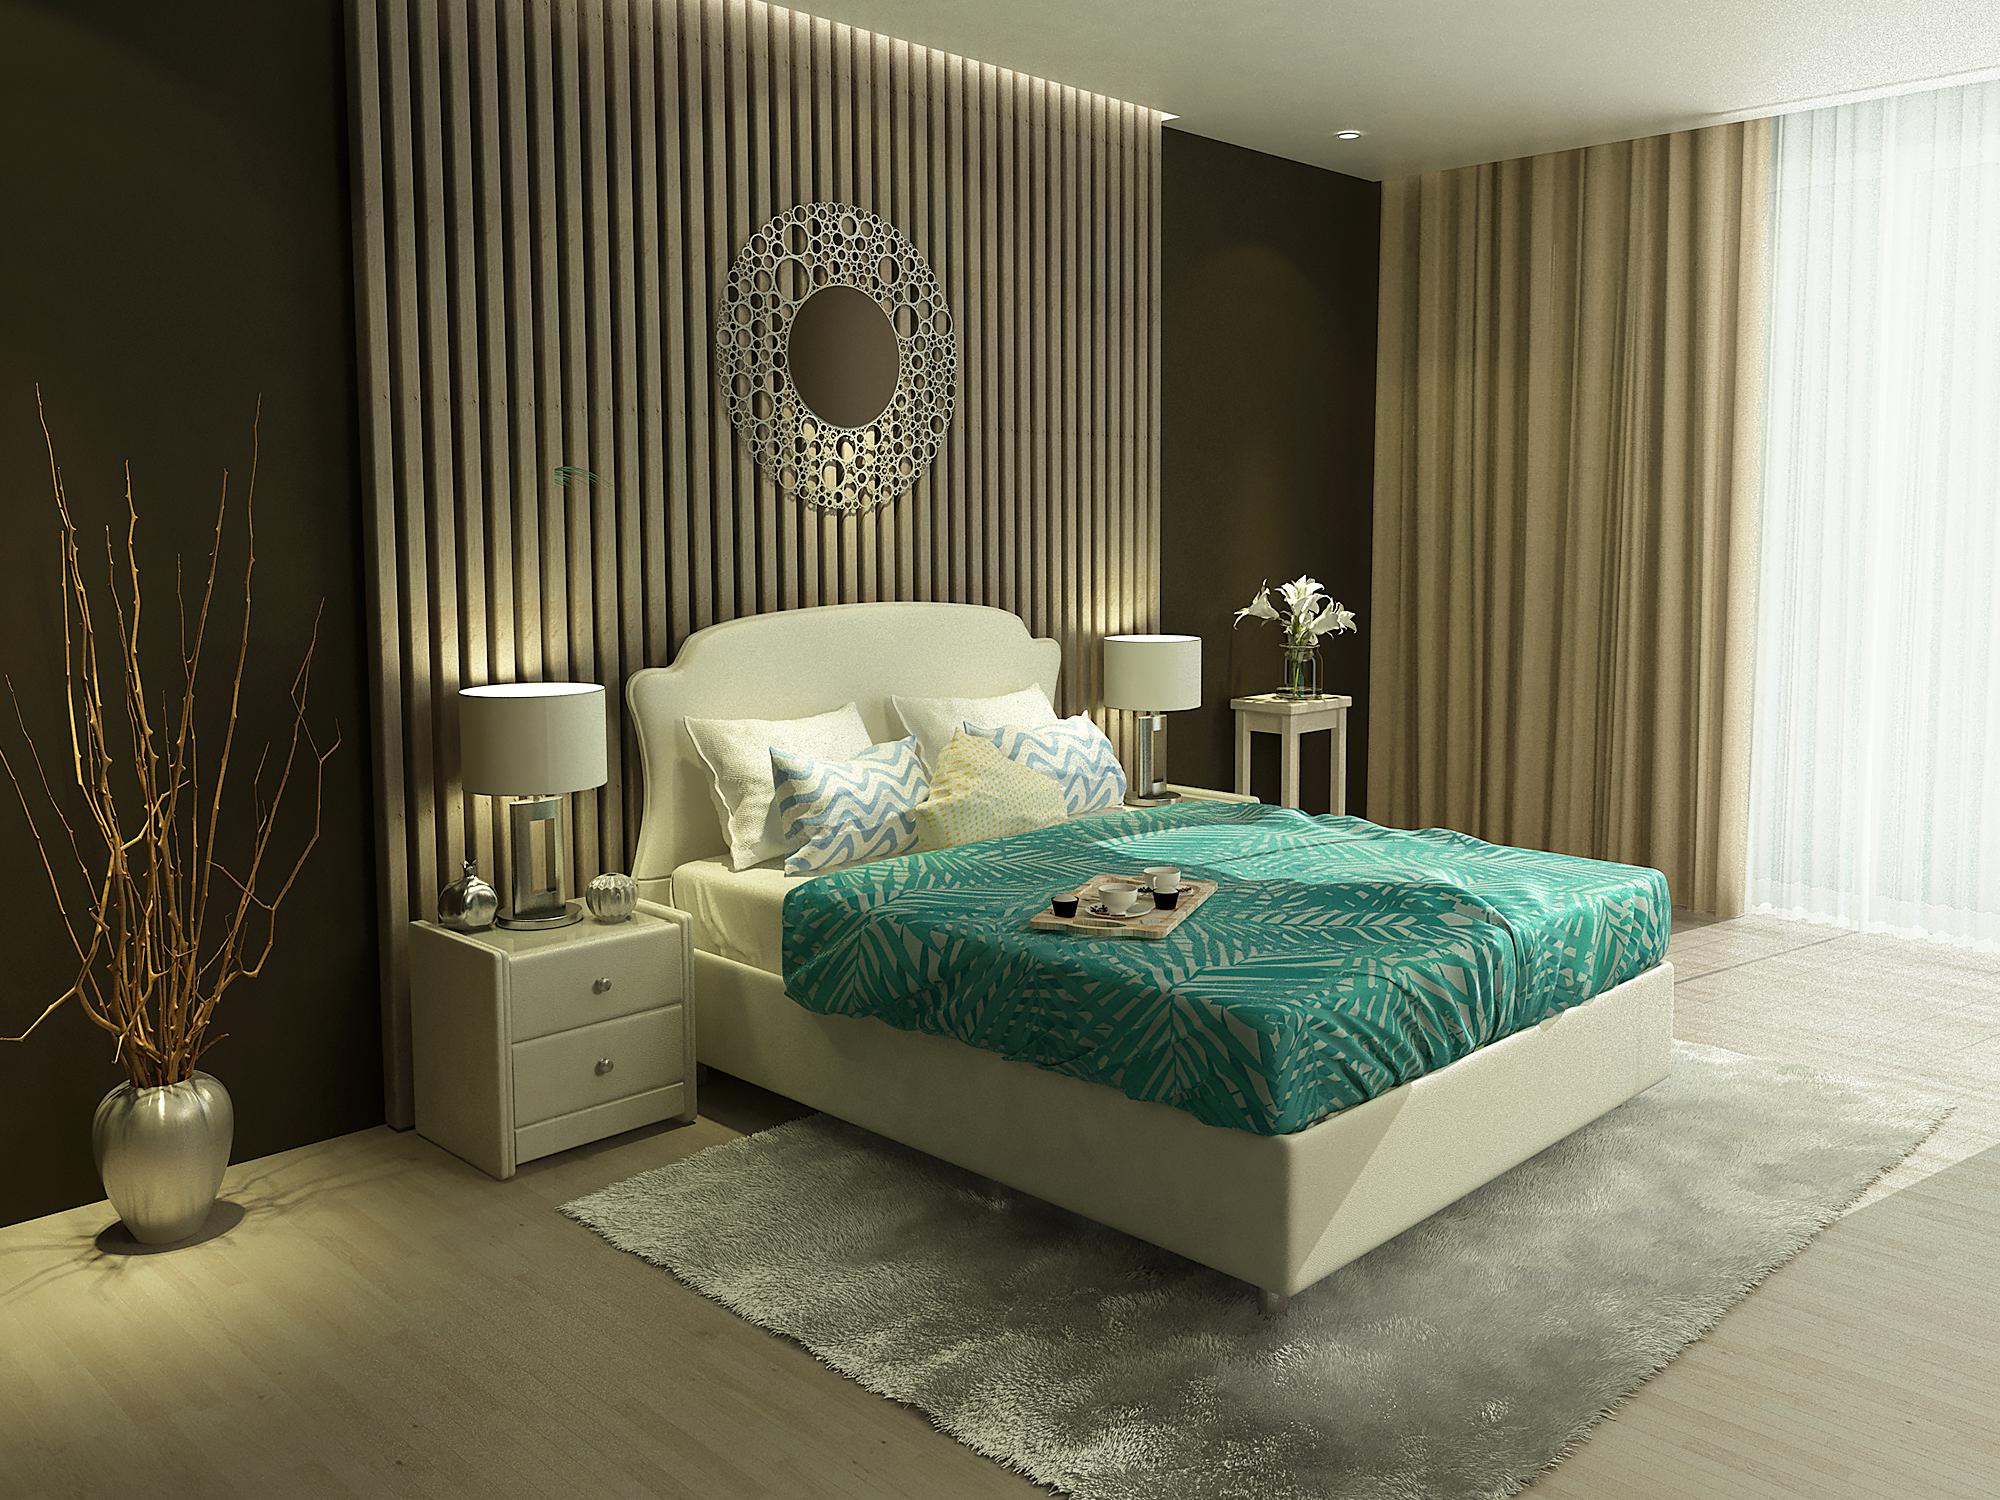 спальный гарнитур с мягкой кроватью фото фото, можете